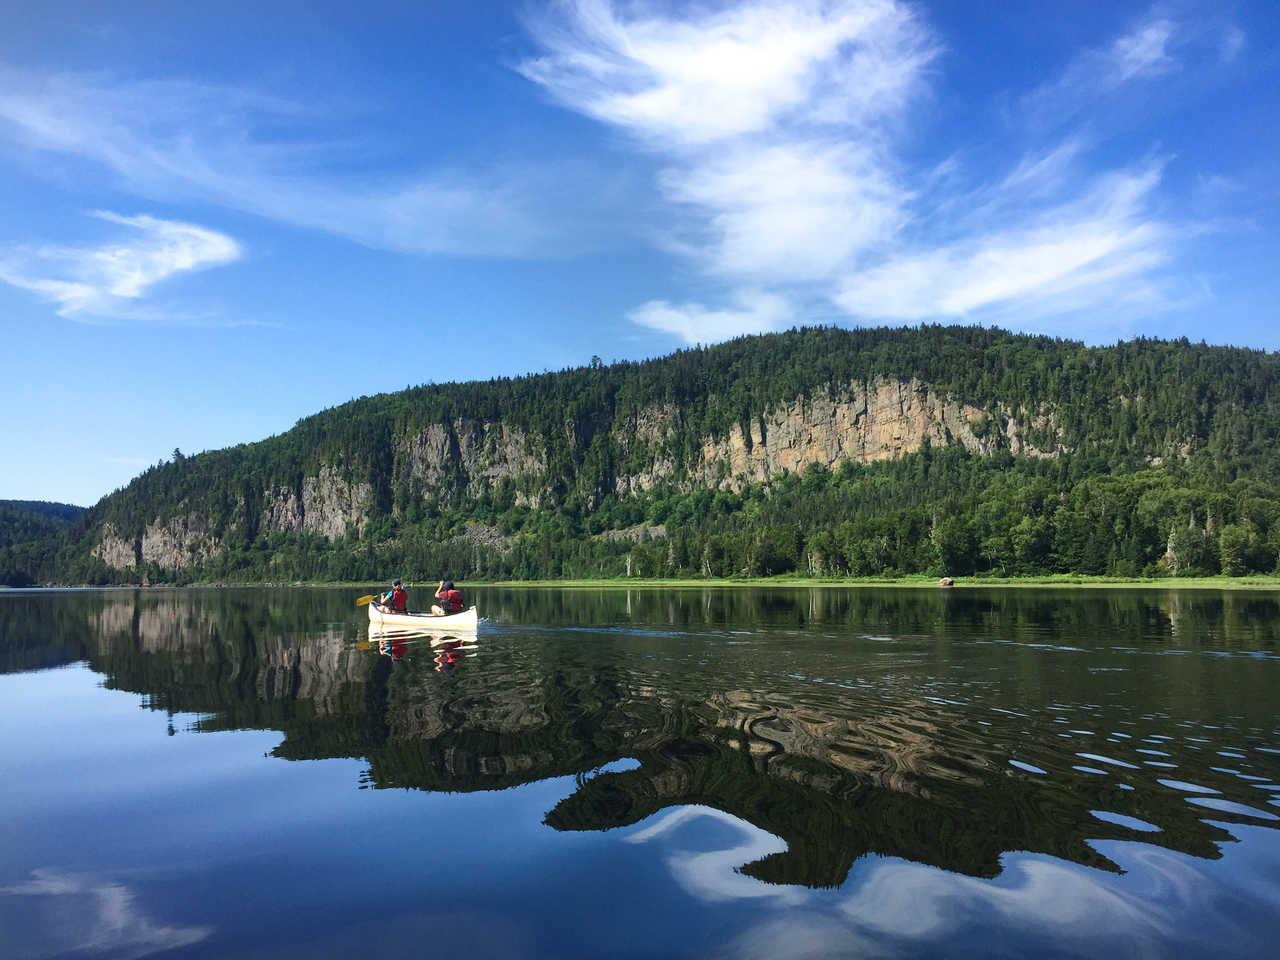 Canoe au Canada, rivière du Québec